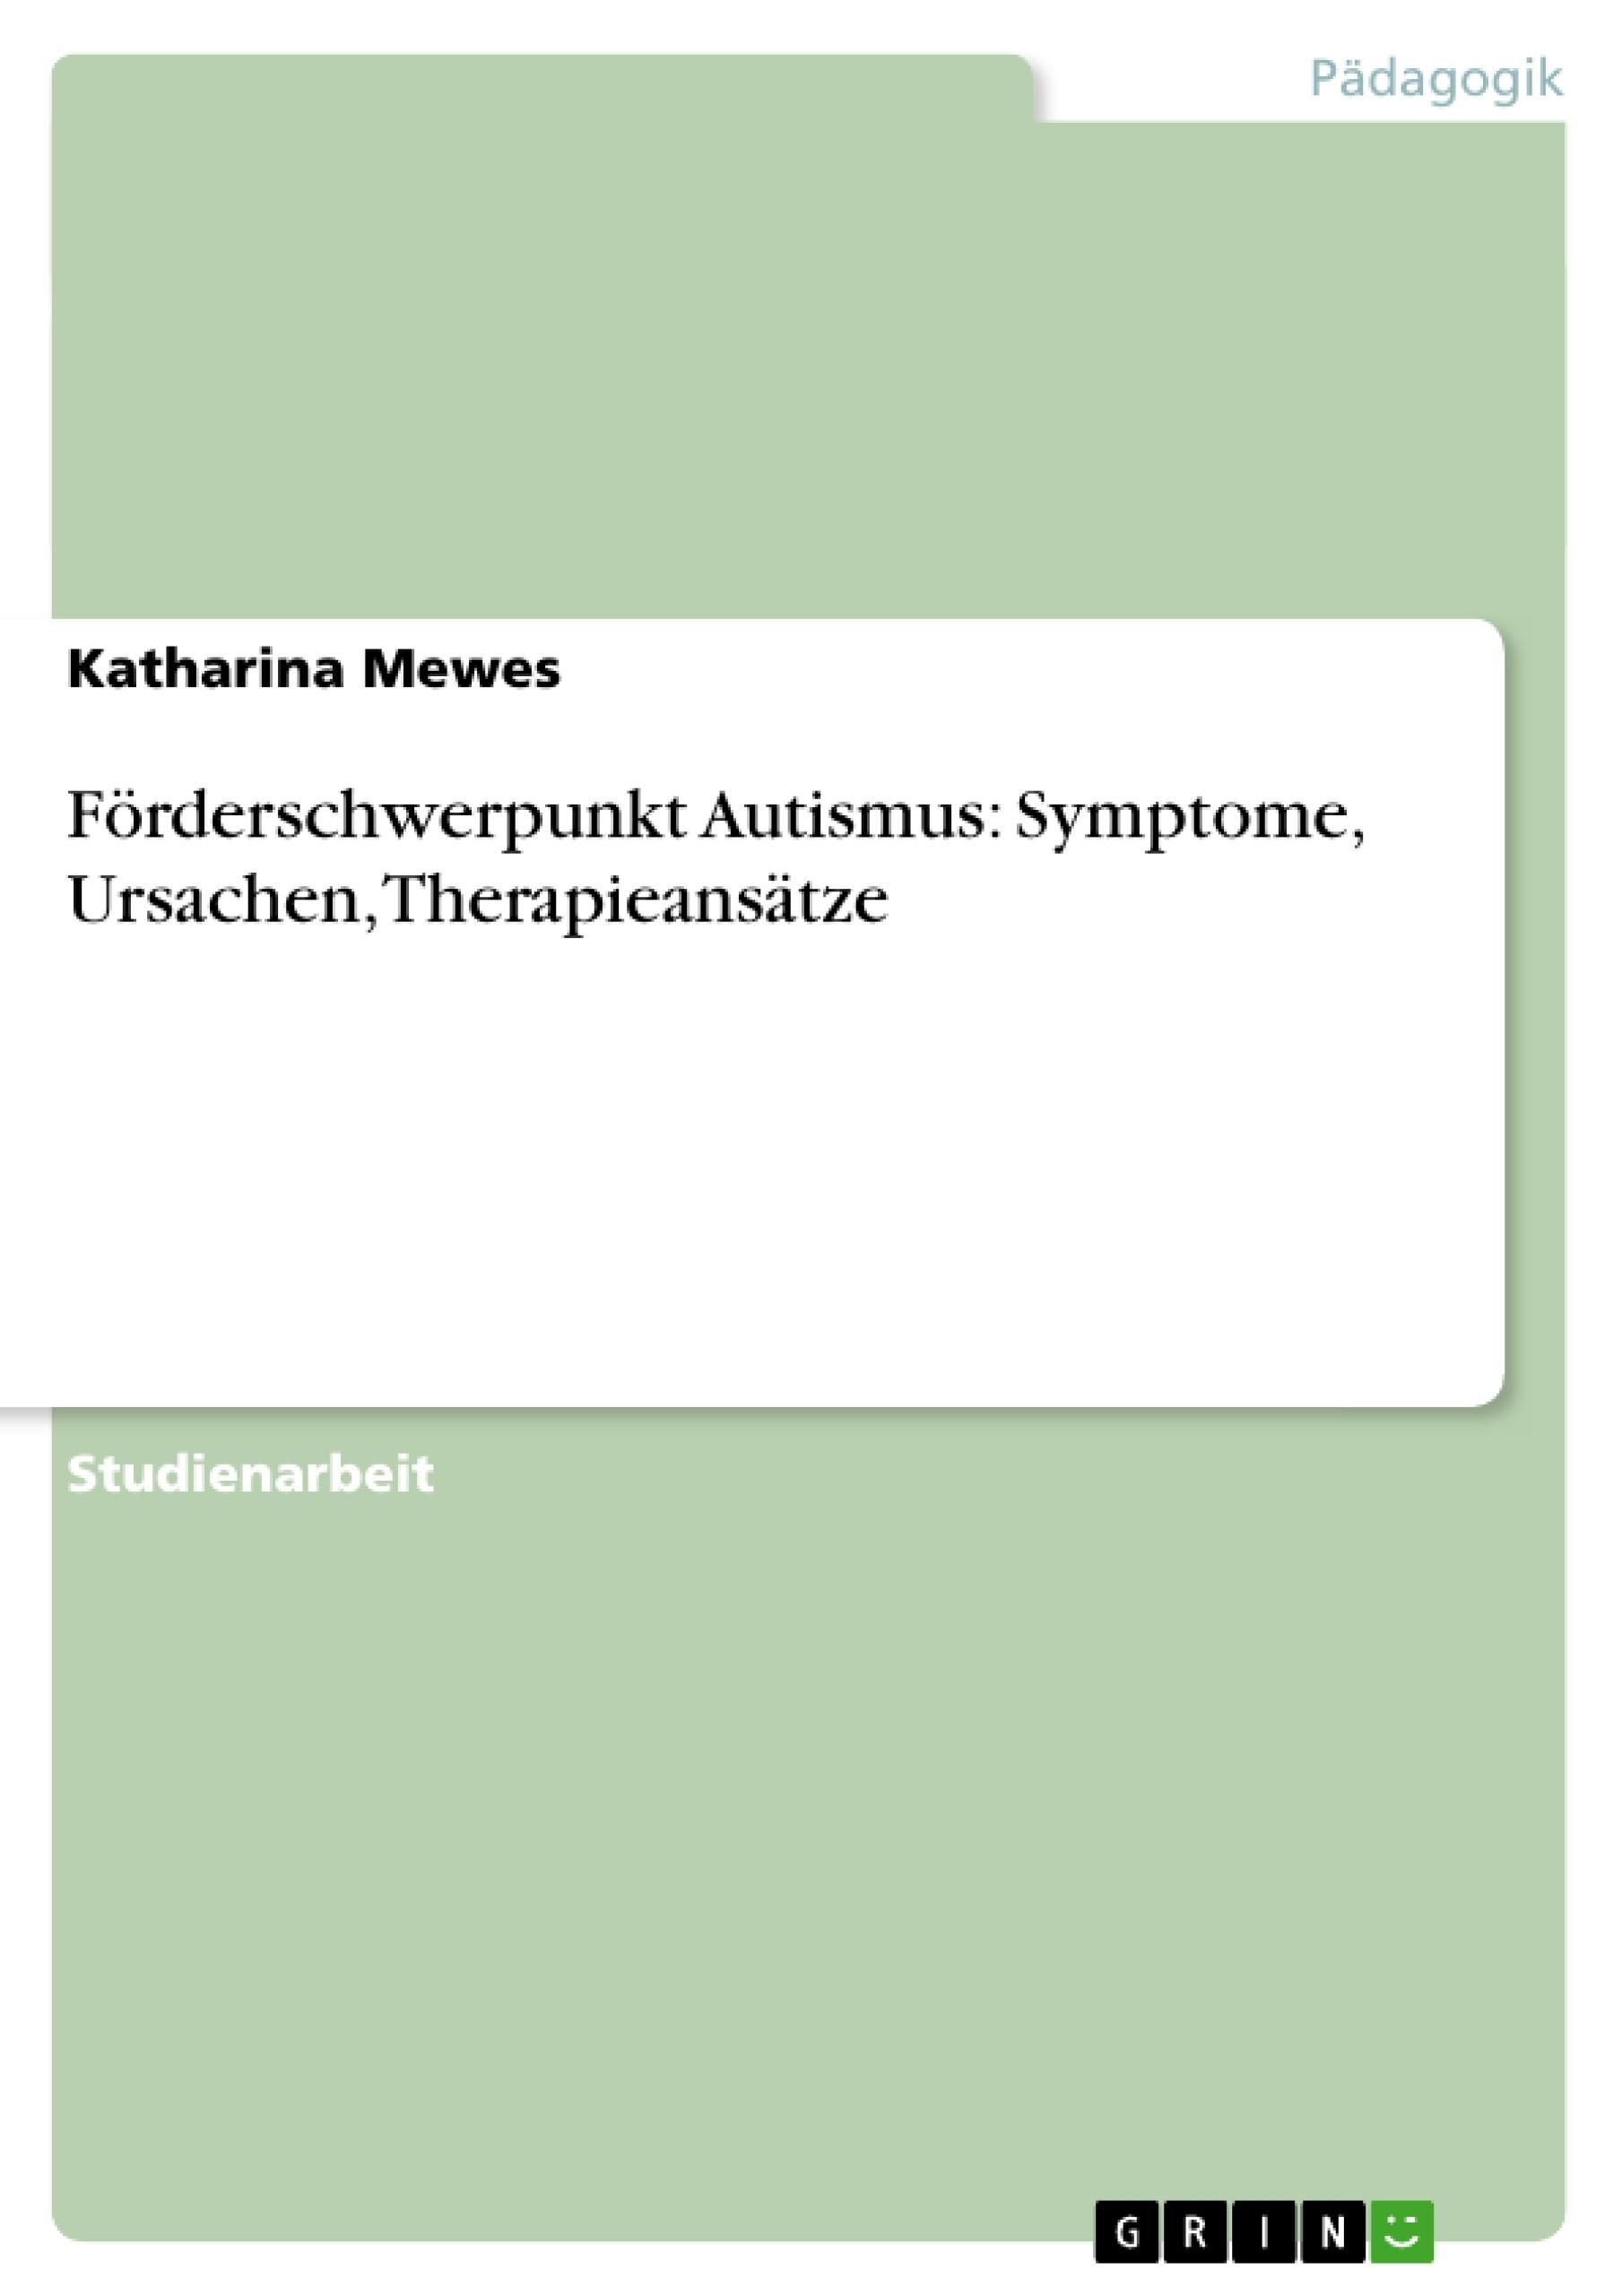 Titel: Förderschwerpunkt Autismus: Symptome, Ursachen, Therapieansätze